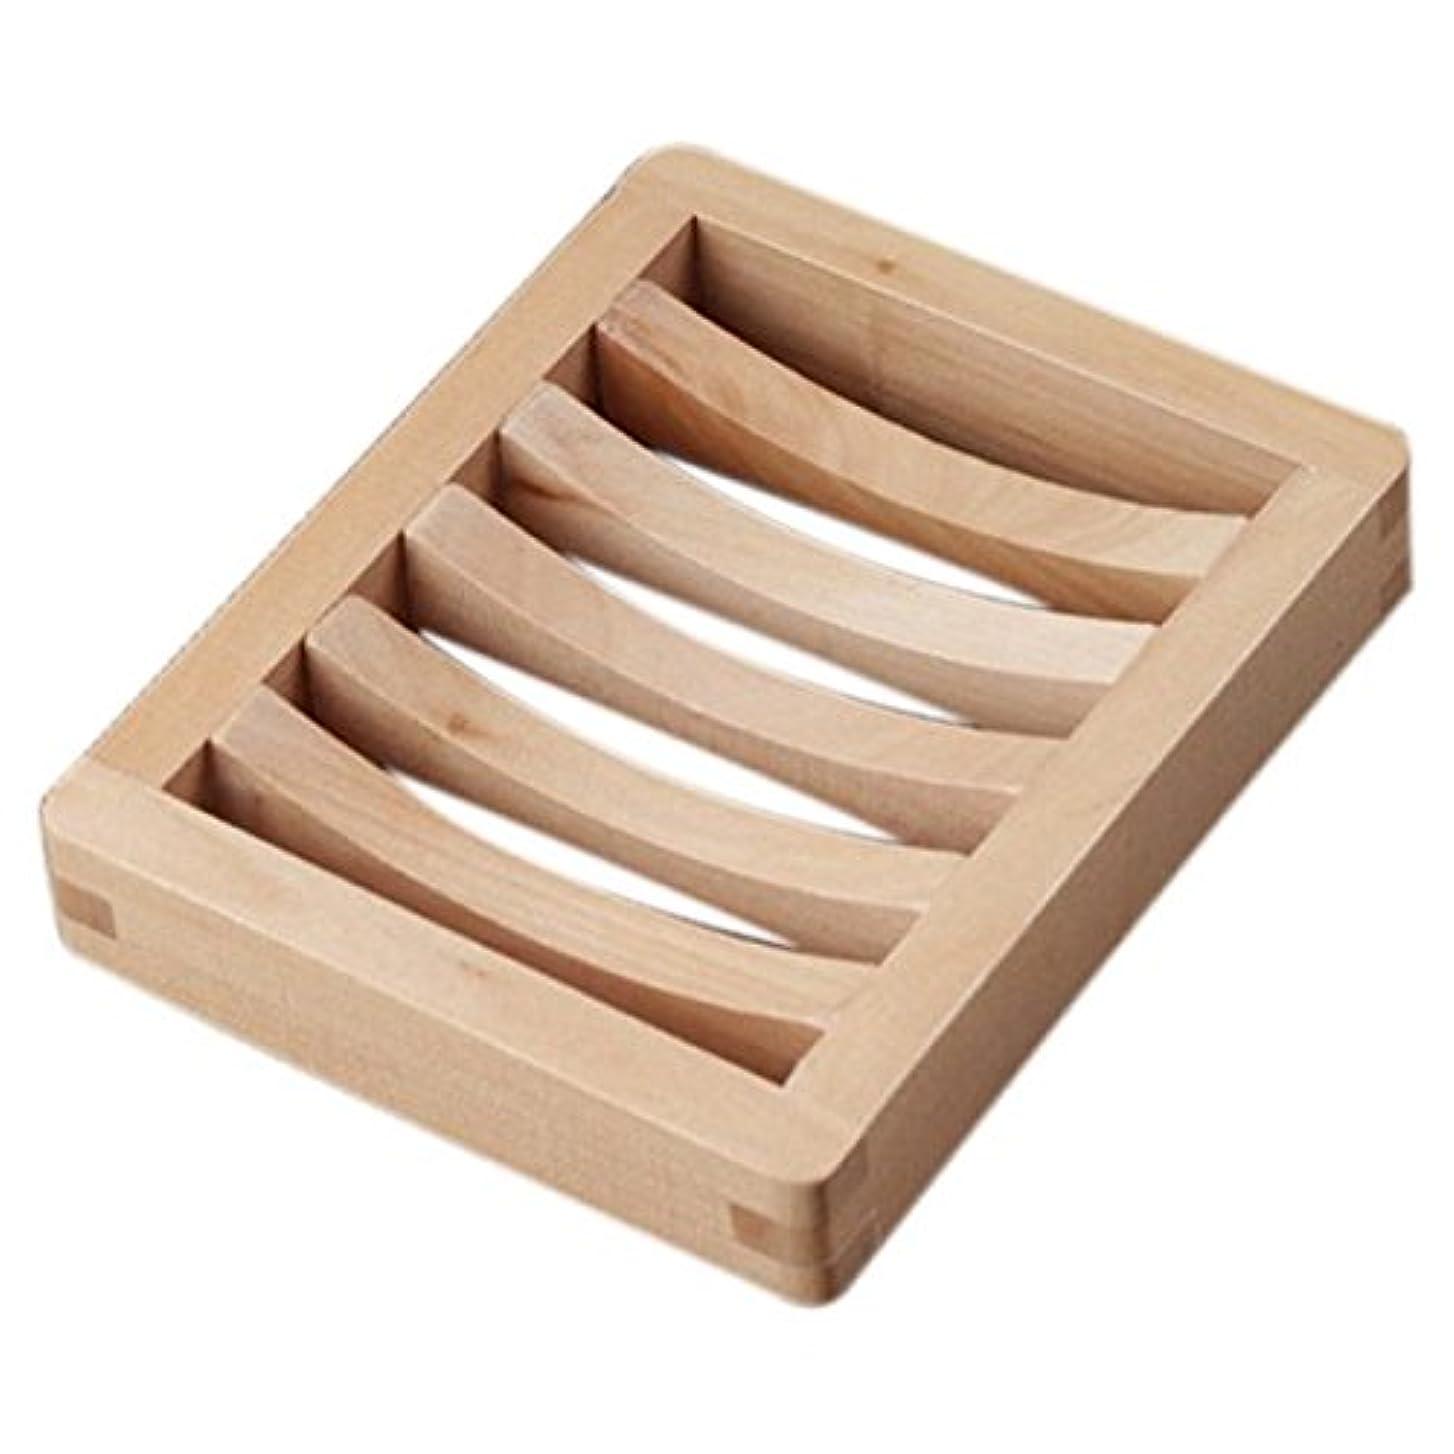 舗装するゴム歯痛Gaoominy 木の色の石鹸ボックス、木製石鹸ホルダー